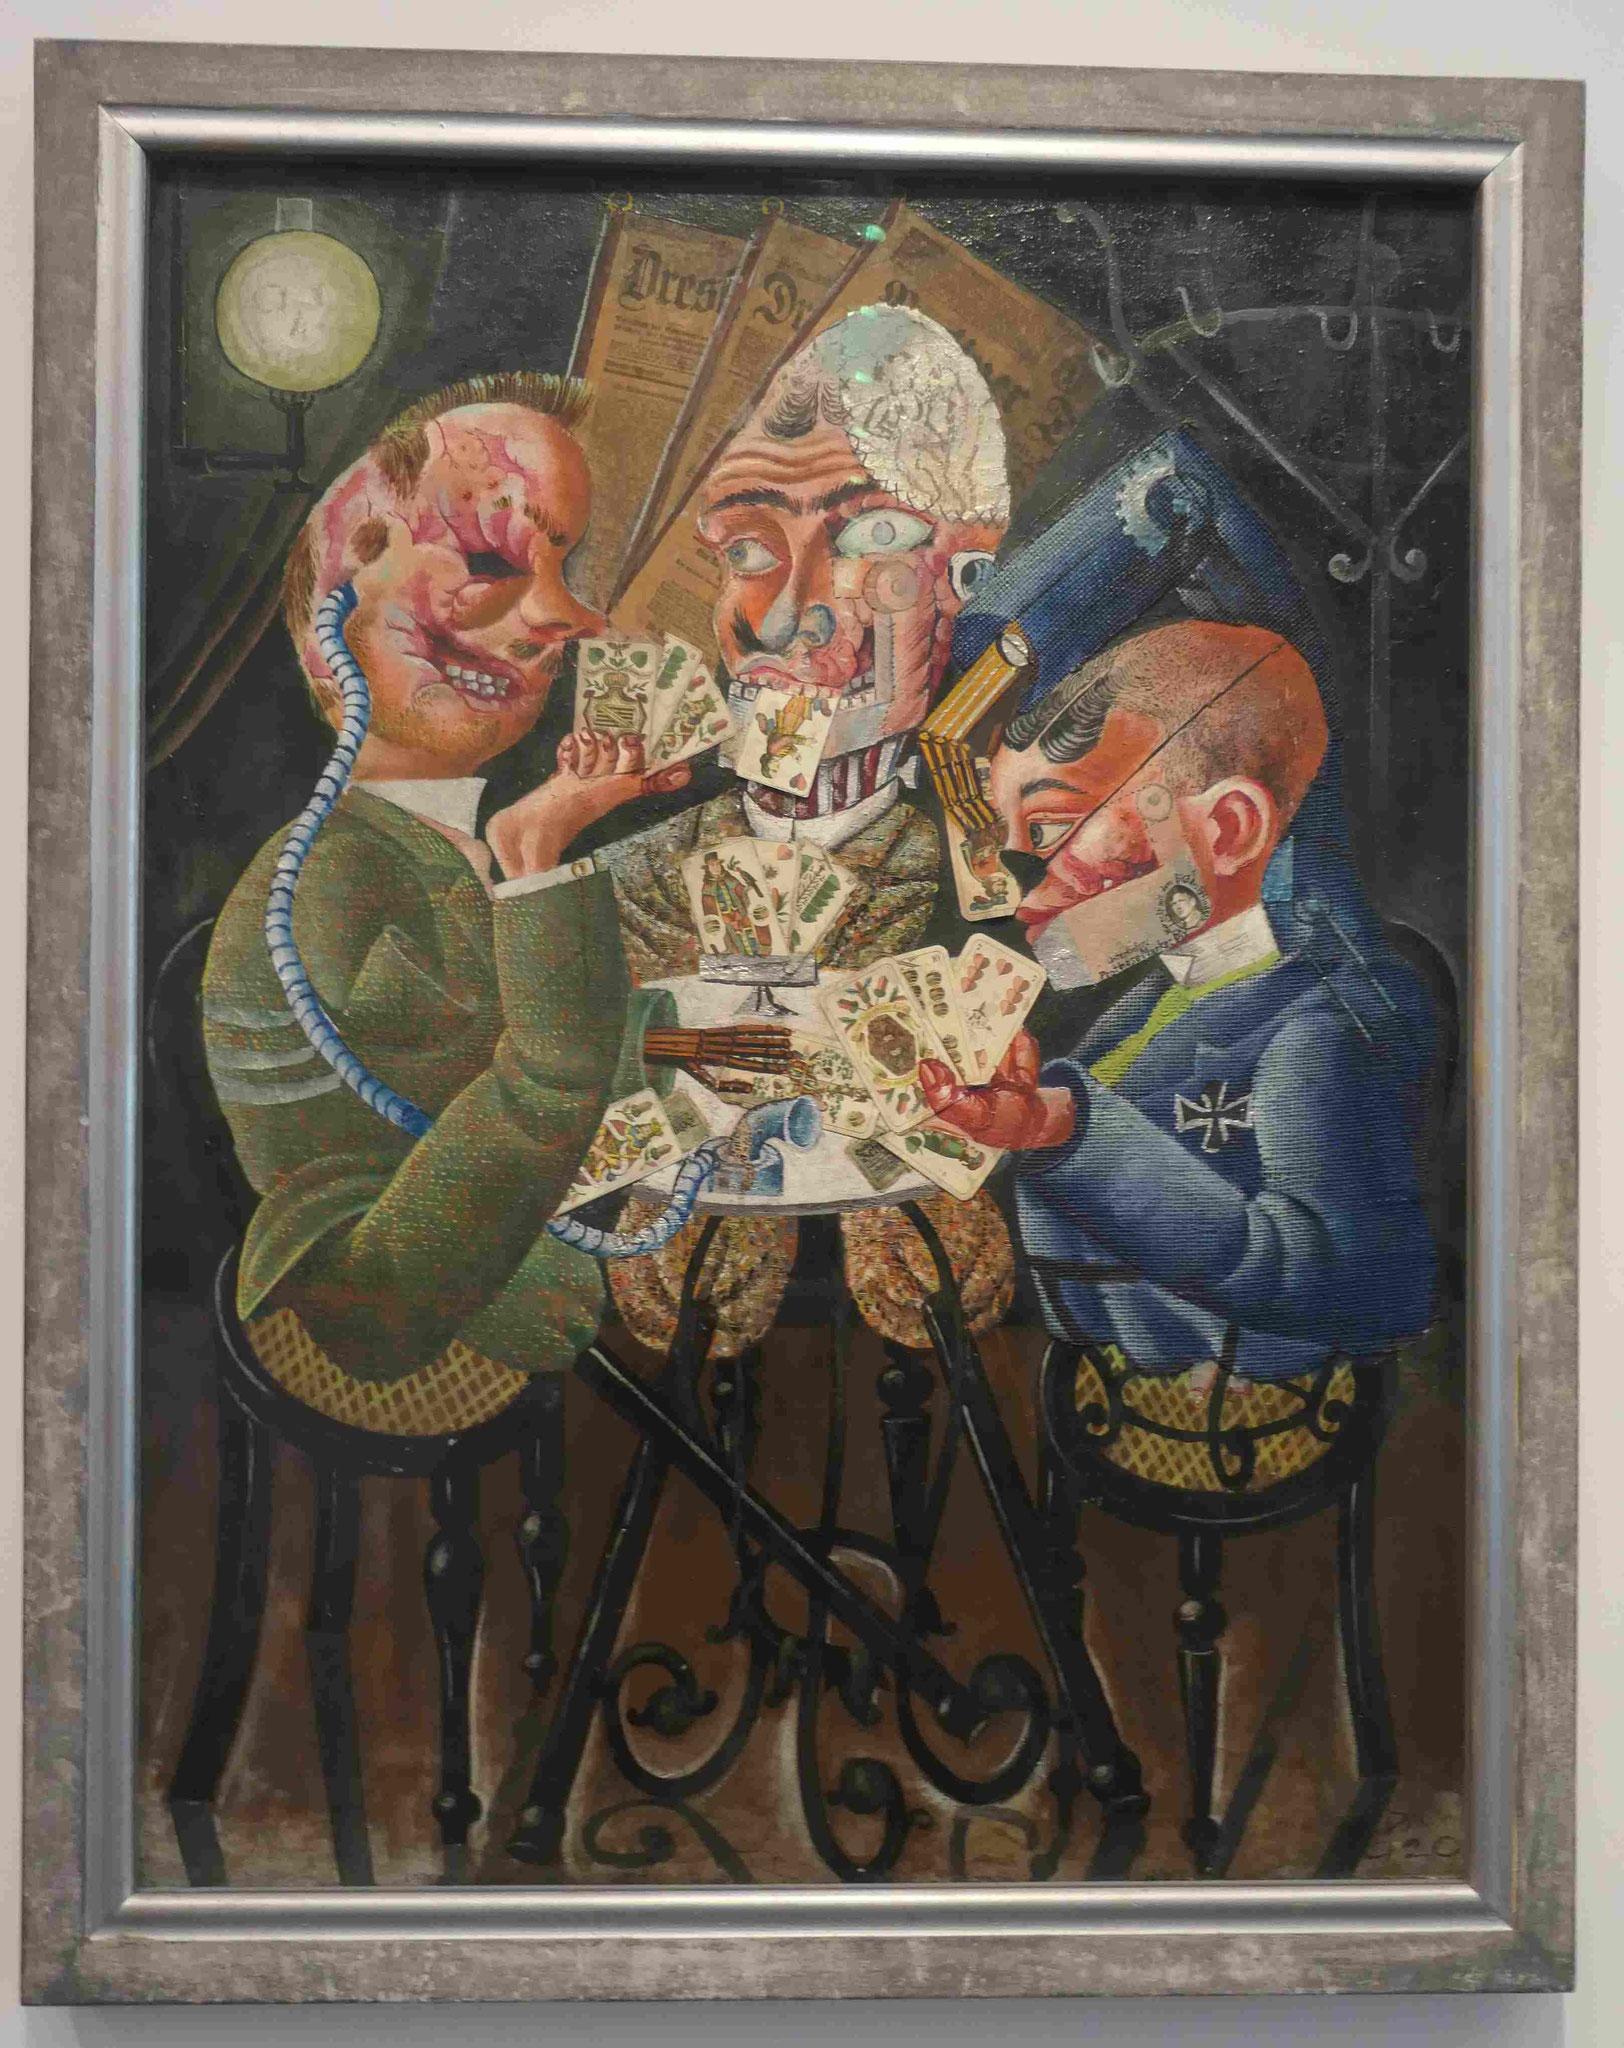 Otto Dix, Die Skatspieler, 1920, Neue Nationalgalerie Berlin